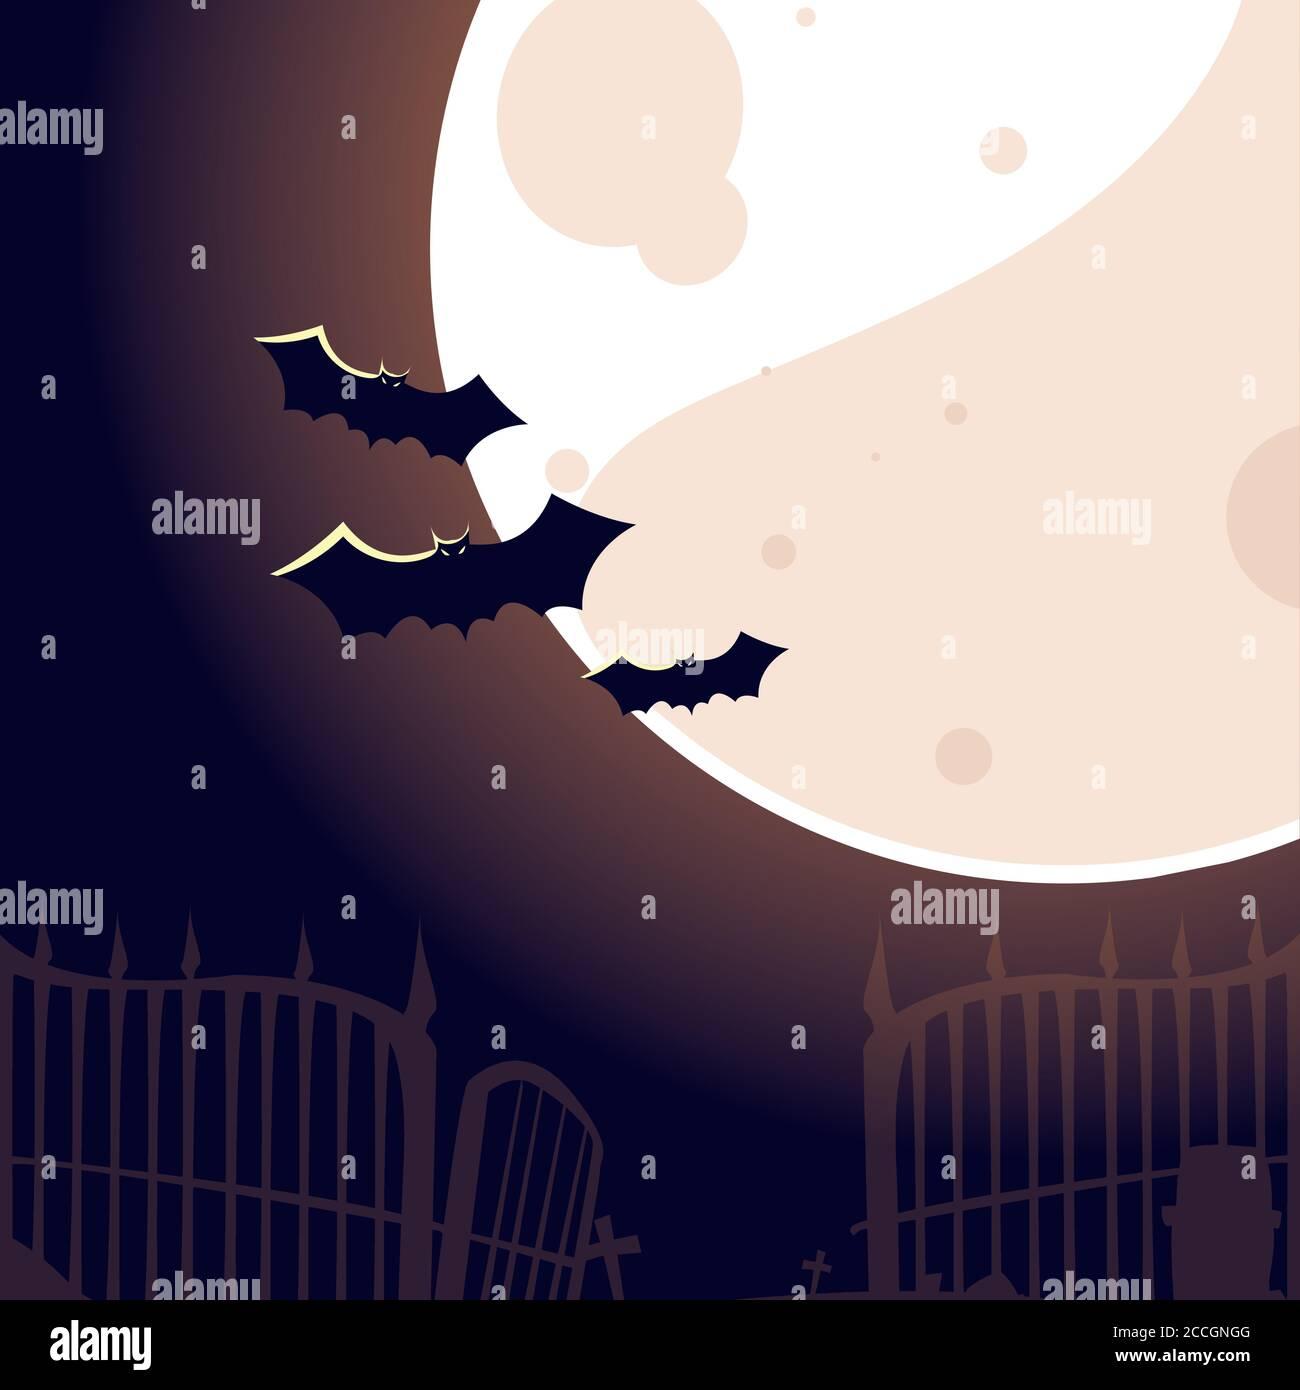 Halloween murciélagos en frente de la luna diseño, vacaciones y tema de miedo ilustración vectorial Ilustración del Vector